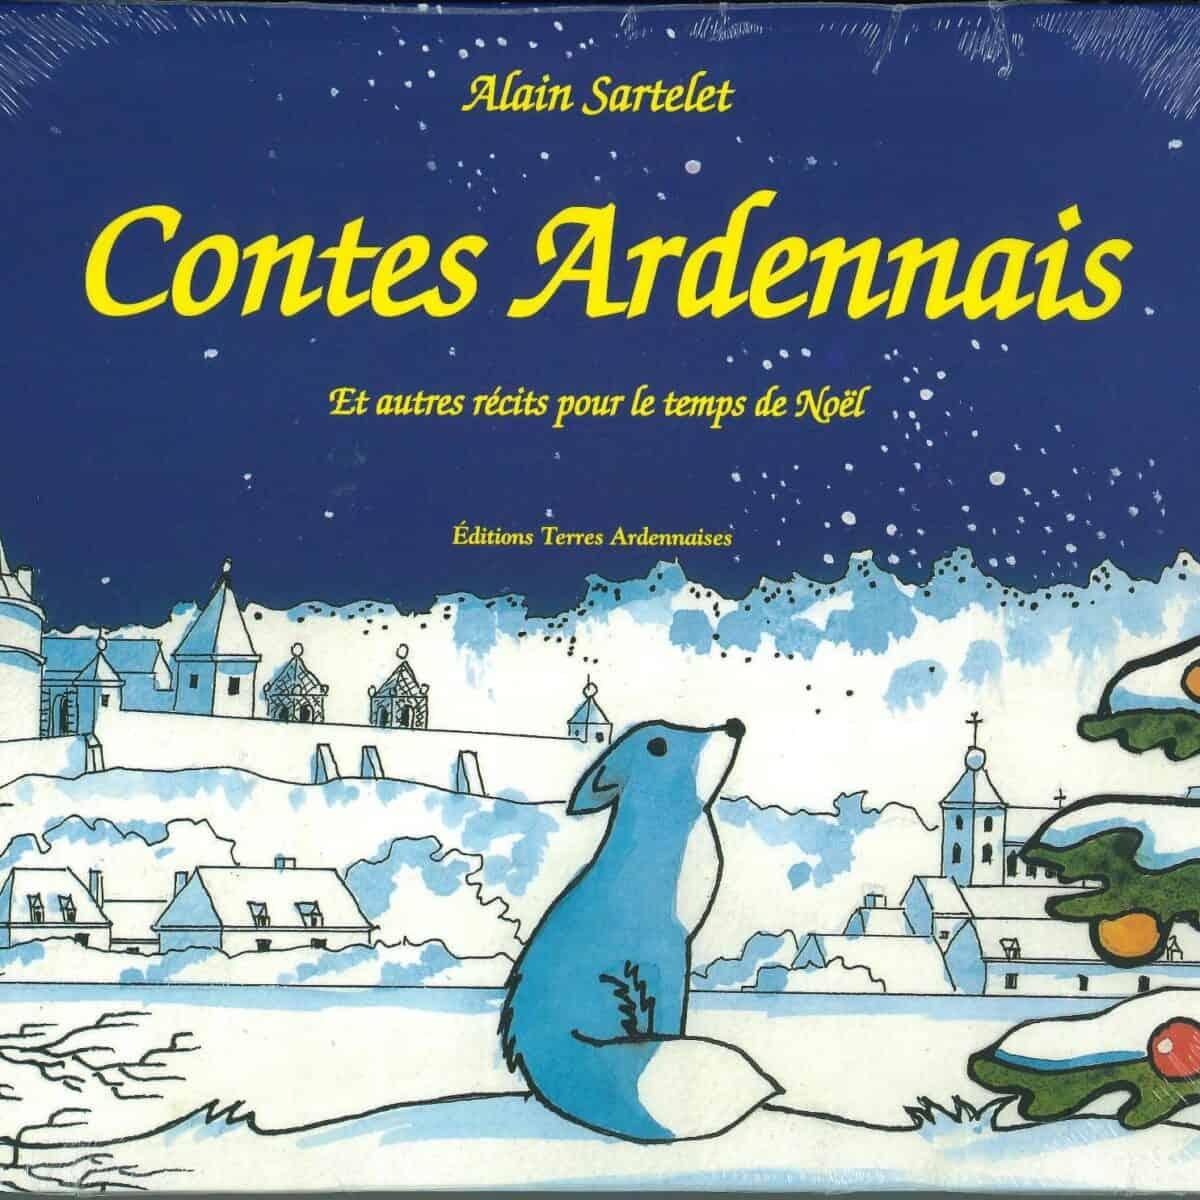 Contes Ardennais